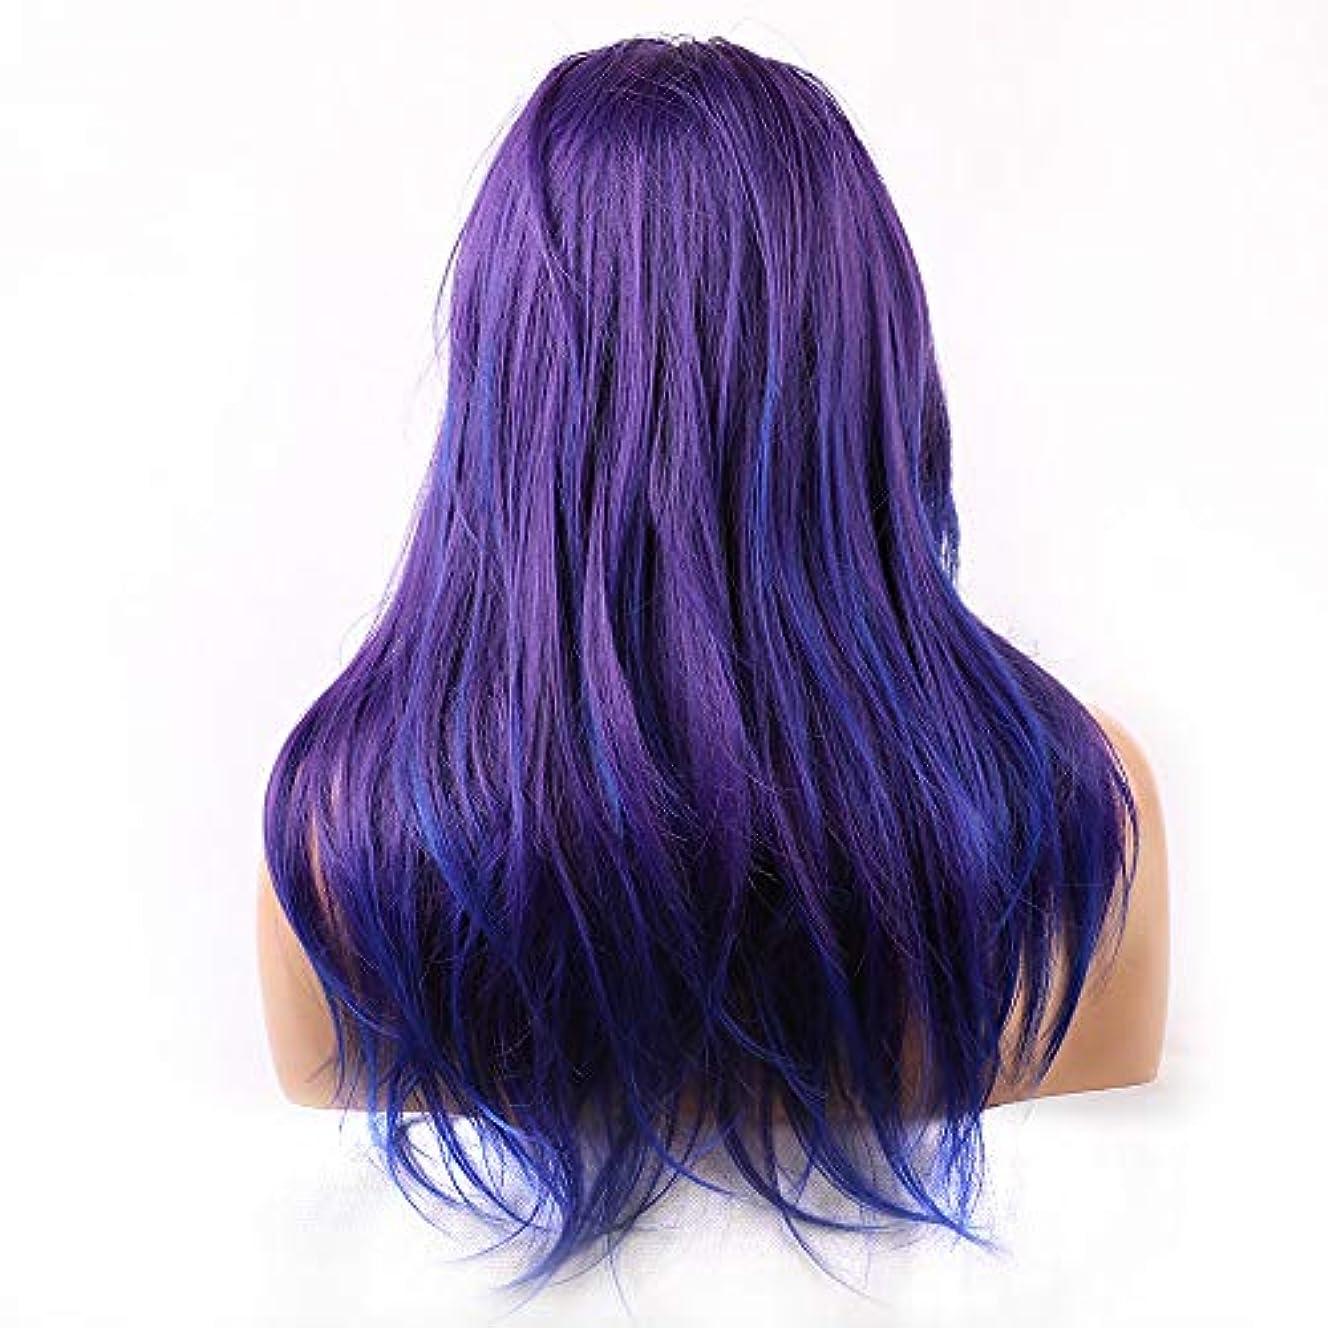 語バックグラウンド全能レースCOSの小道具の前に女性の青い長い巻き毛のかつらをかつら